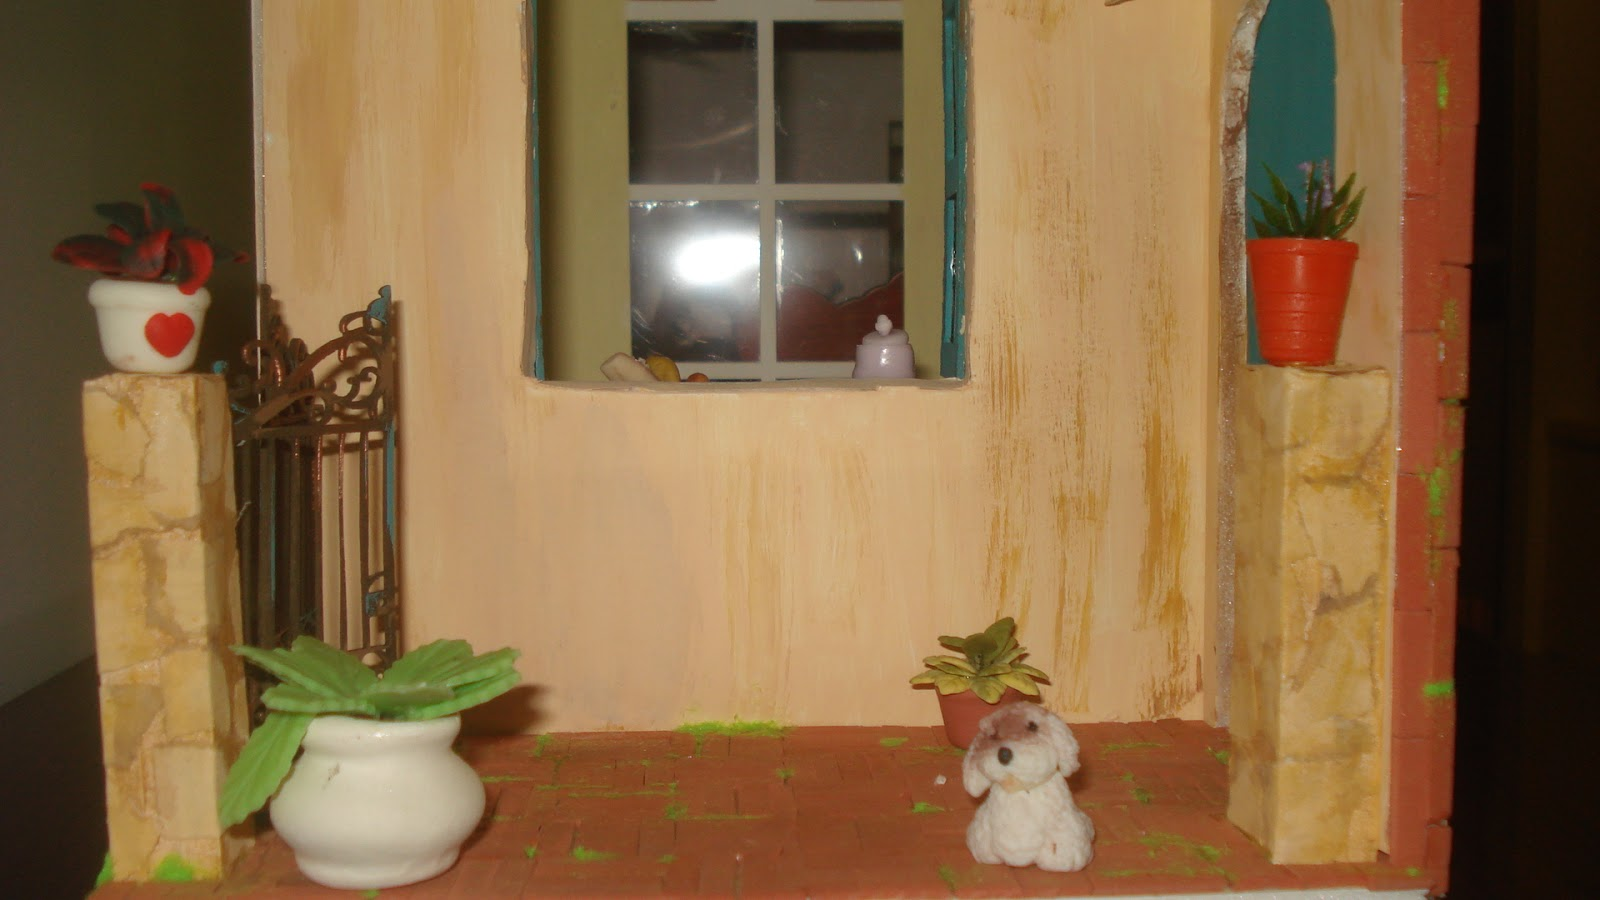 casa andrea milano sectional sofa modern loveseat bed louca por miniaturas minis da dea outubro 2012